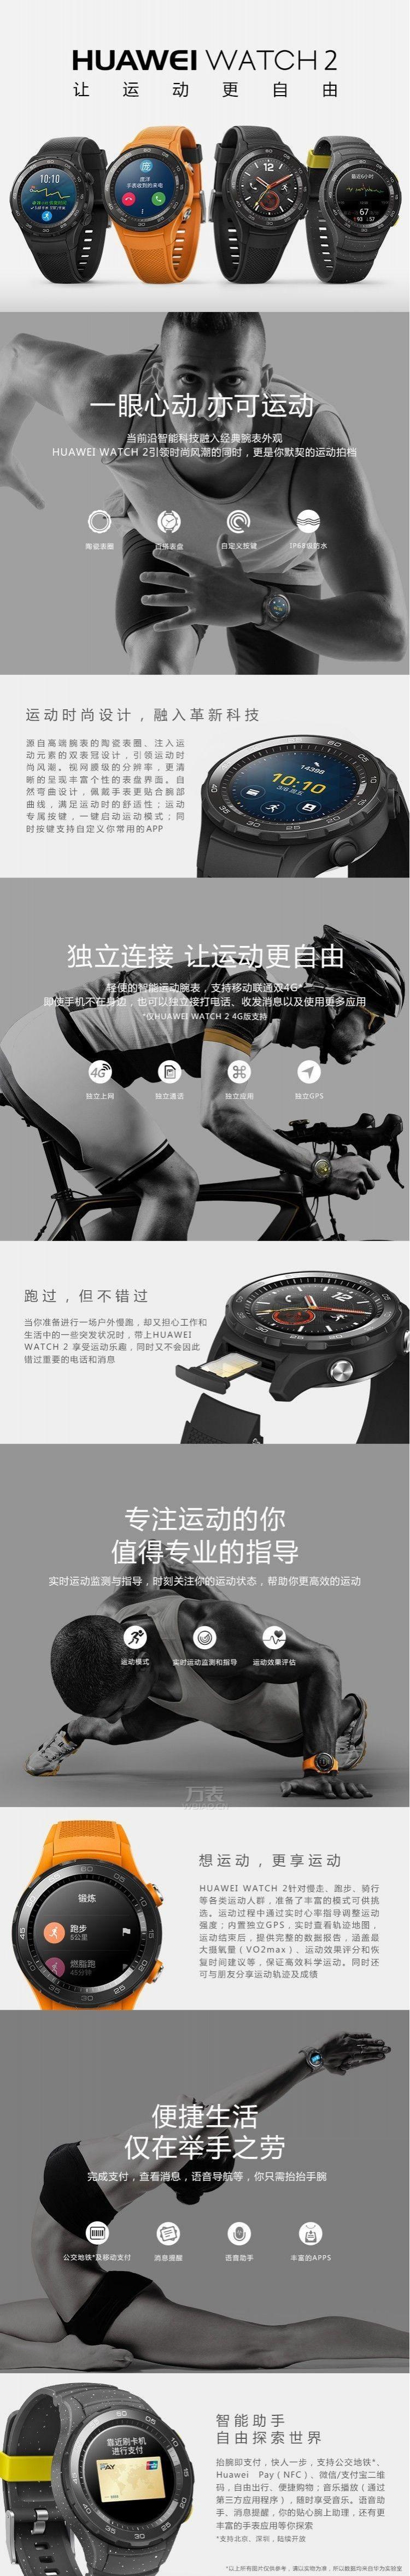 荣获19项大奖的华为智能手表,将在万表全网首发!